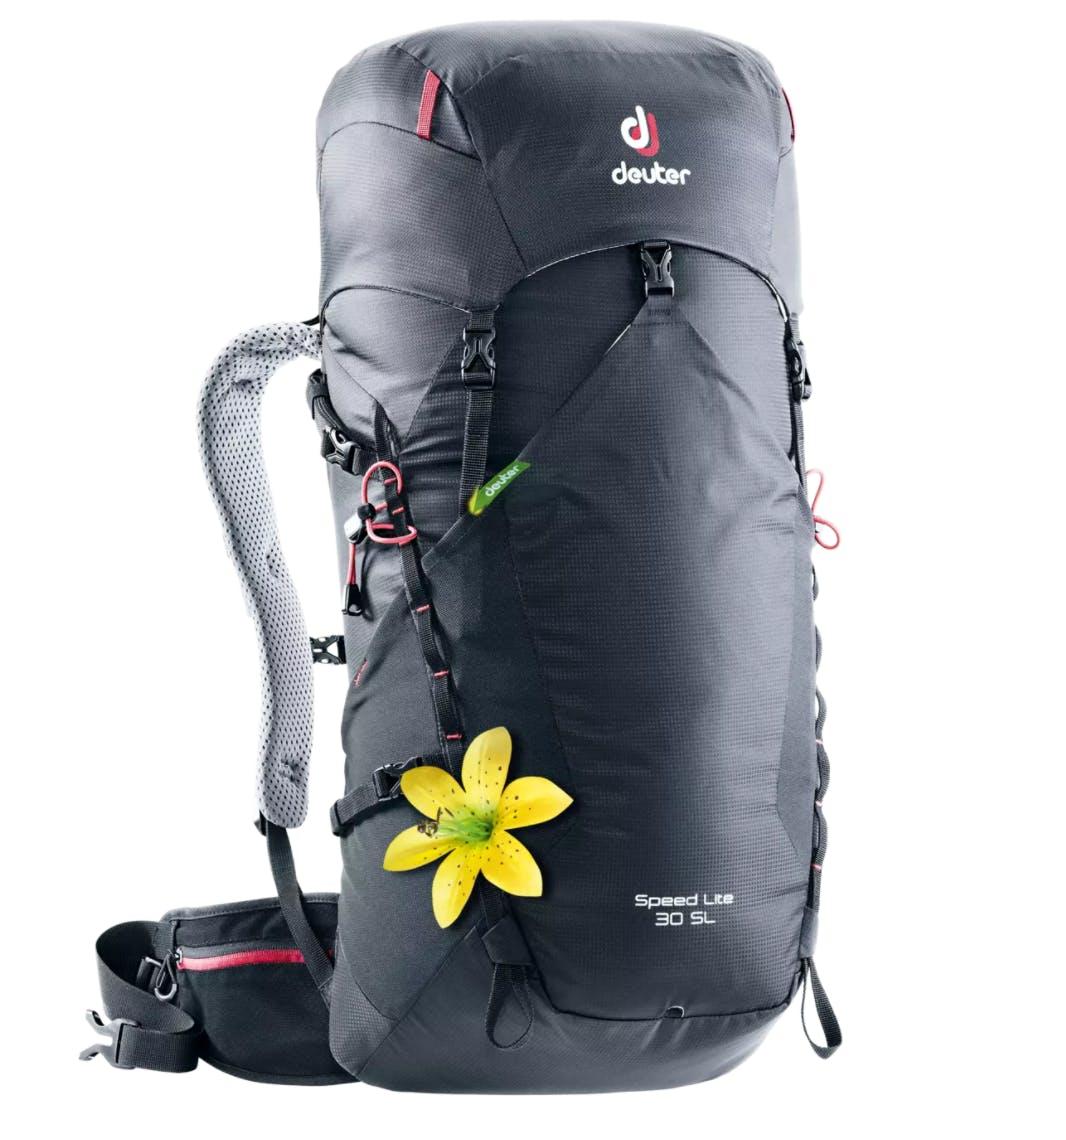 Deuter Speed Lite 30 SL Backpack